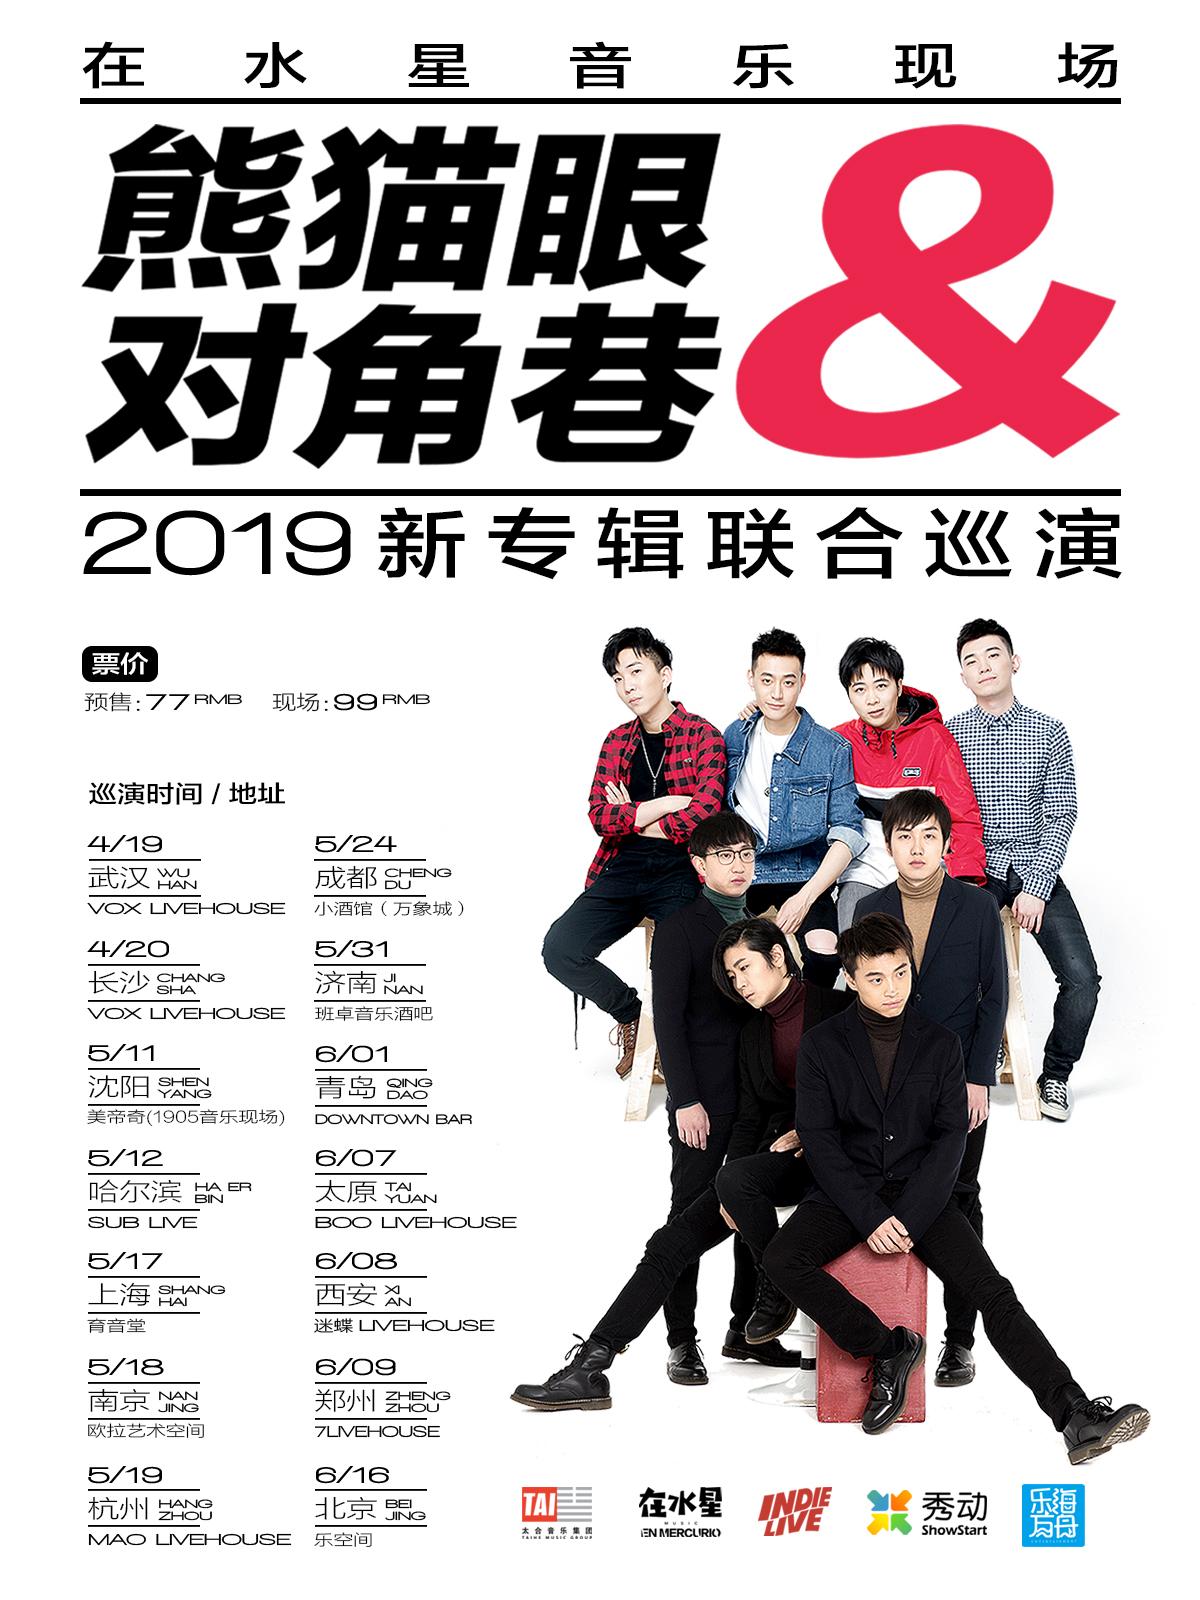 熊猫眼&对角巷 2019新专辑联合巡演太原站